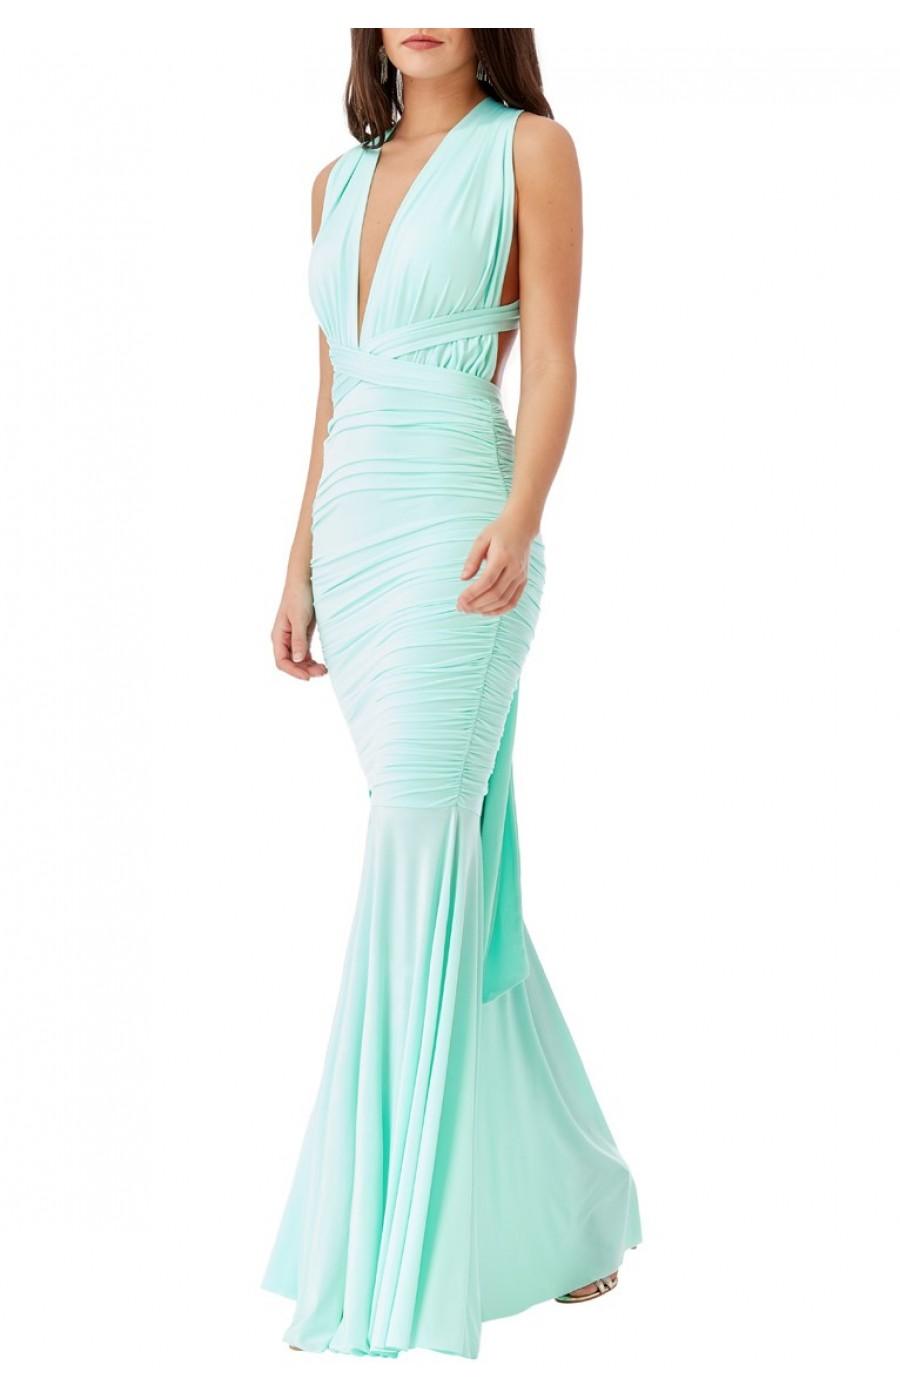 Εφαρμοστό ελαστικό φόρεμα που δένει με διάφορους τρόπους